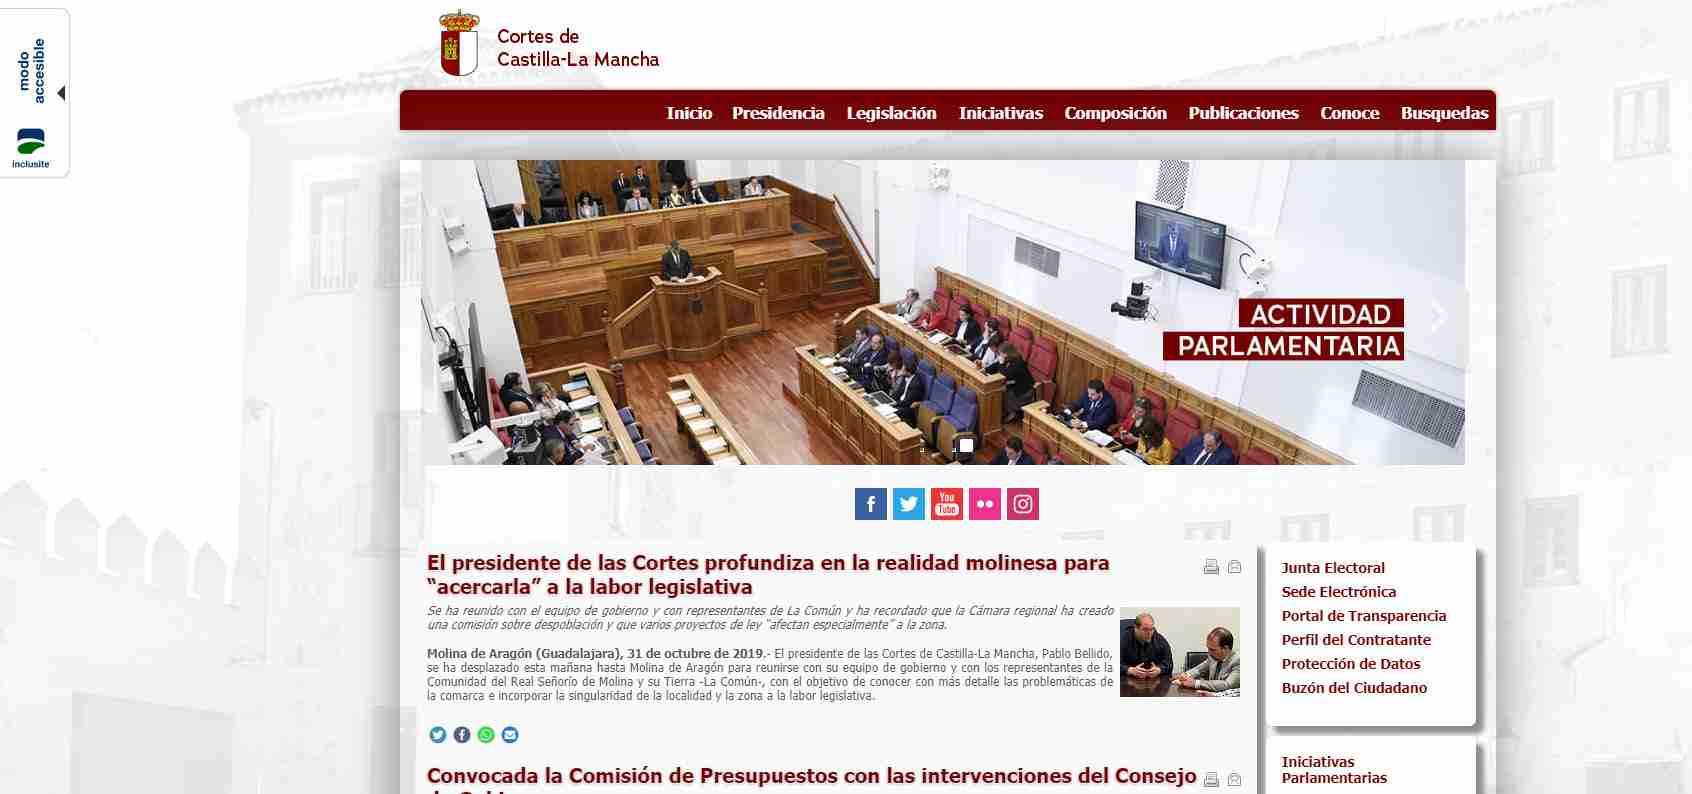 Las Cortes Regionales renuevan el diseño de su web 3